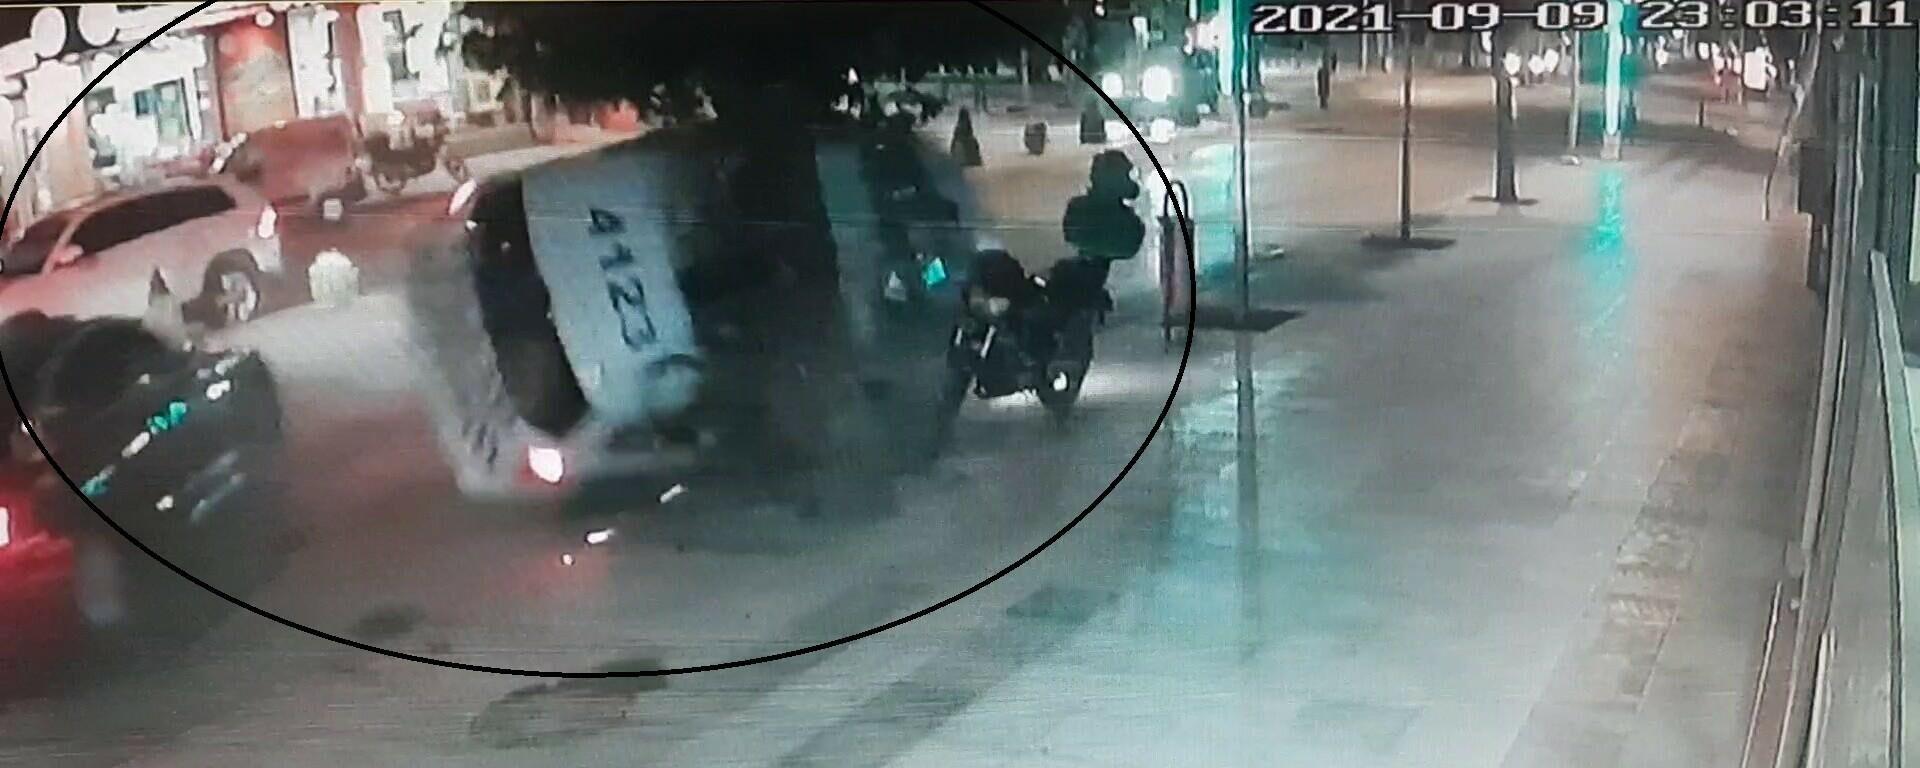 Şüpheli aracı kovalayan polis otosu kaza yaptı - Sputnik Türkiye, 1920, 10.09.2021